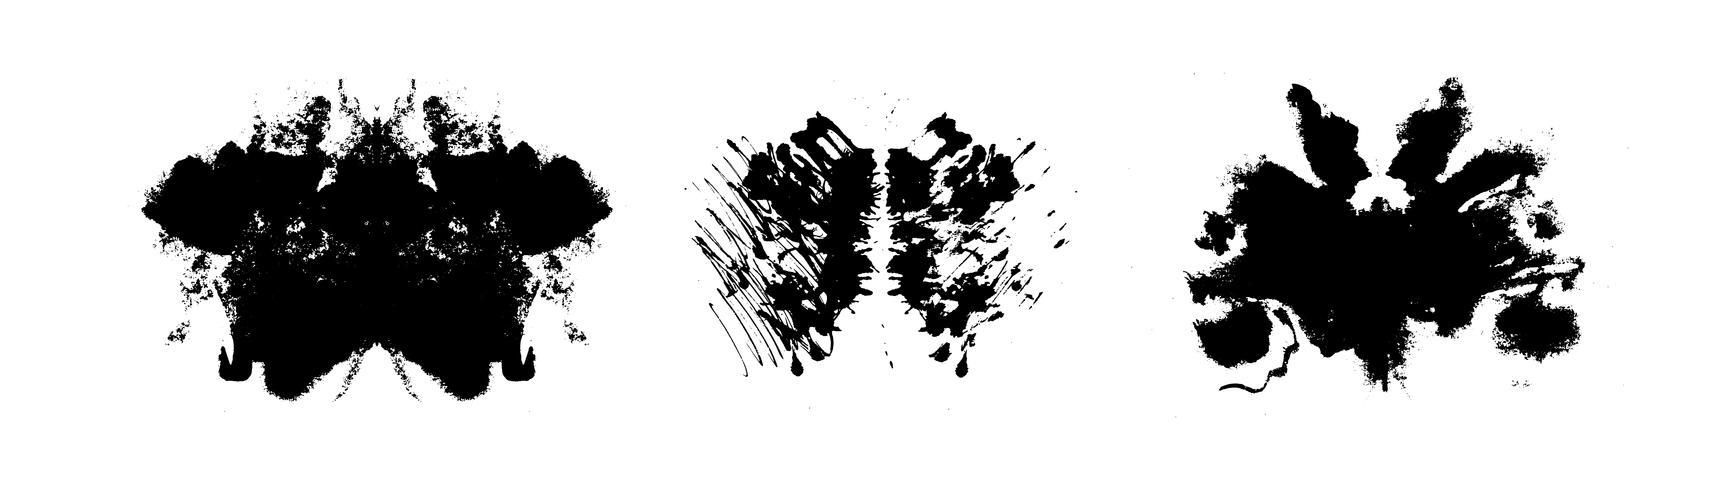 Rorschach prueba de manchas de tinta manchas de tinta abstractas simétricas